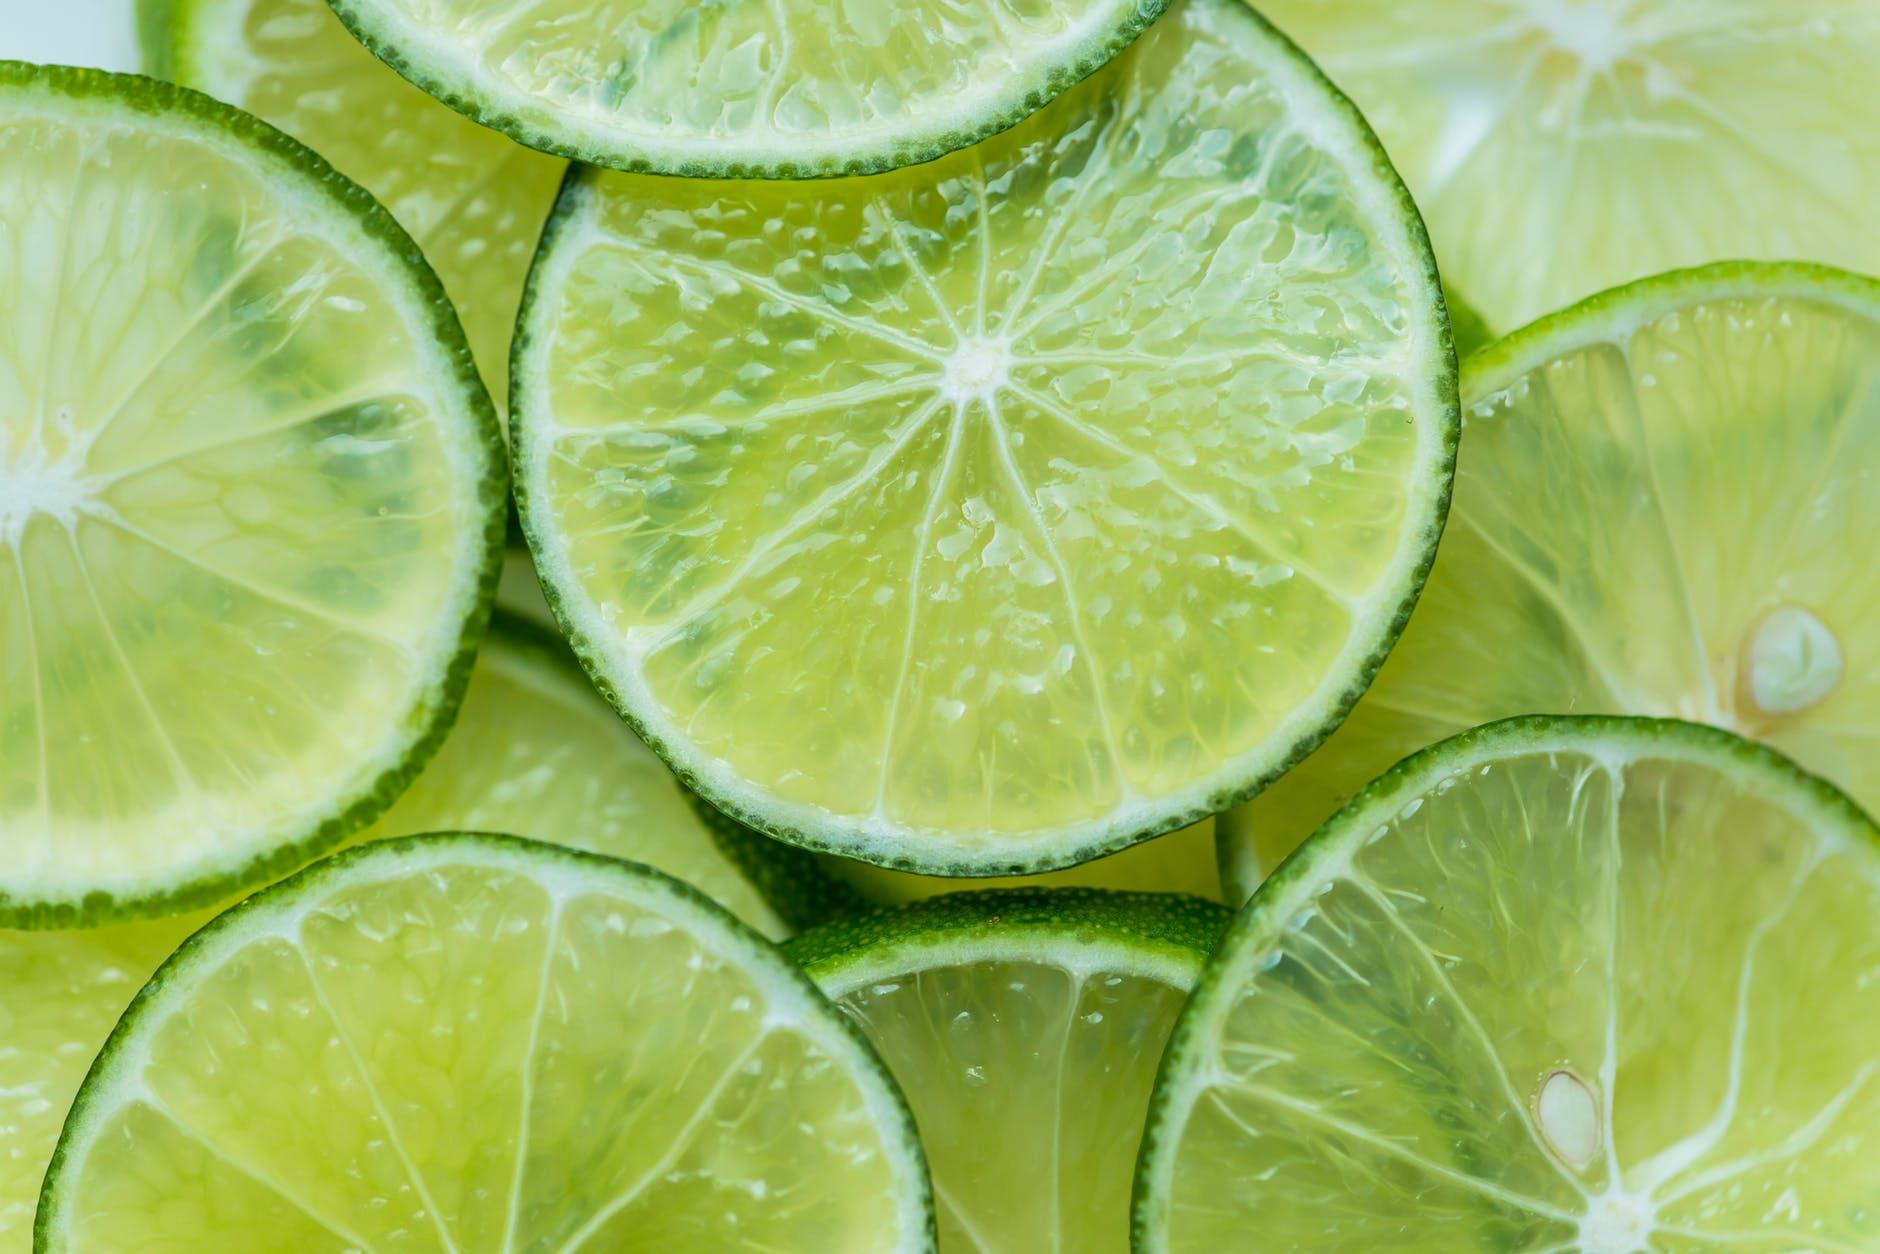 Ce este acidul citric si in ce produse se regaseste